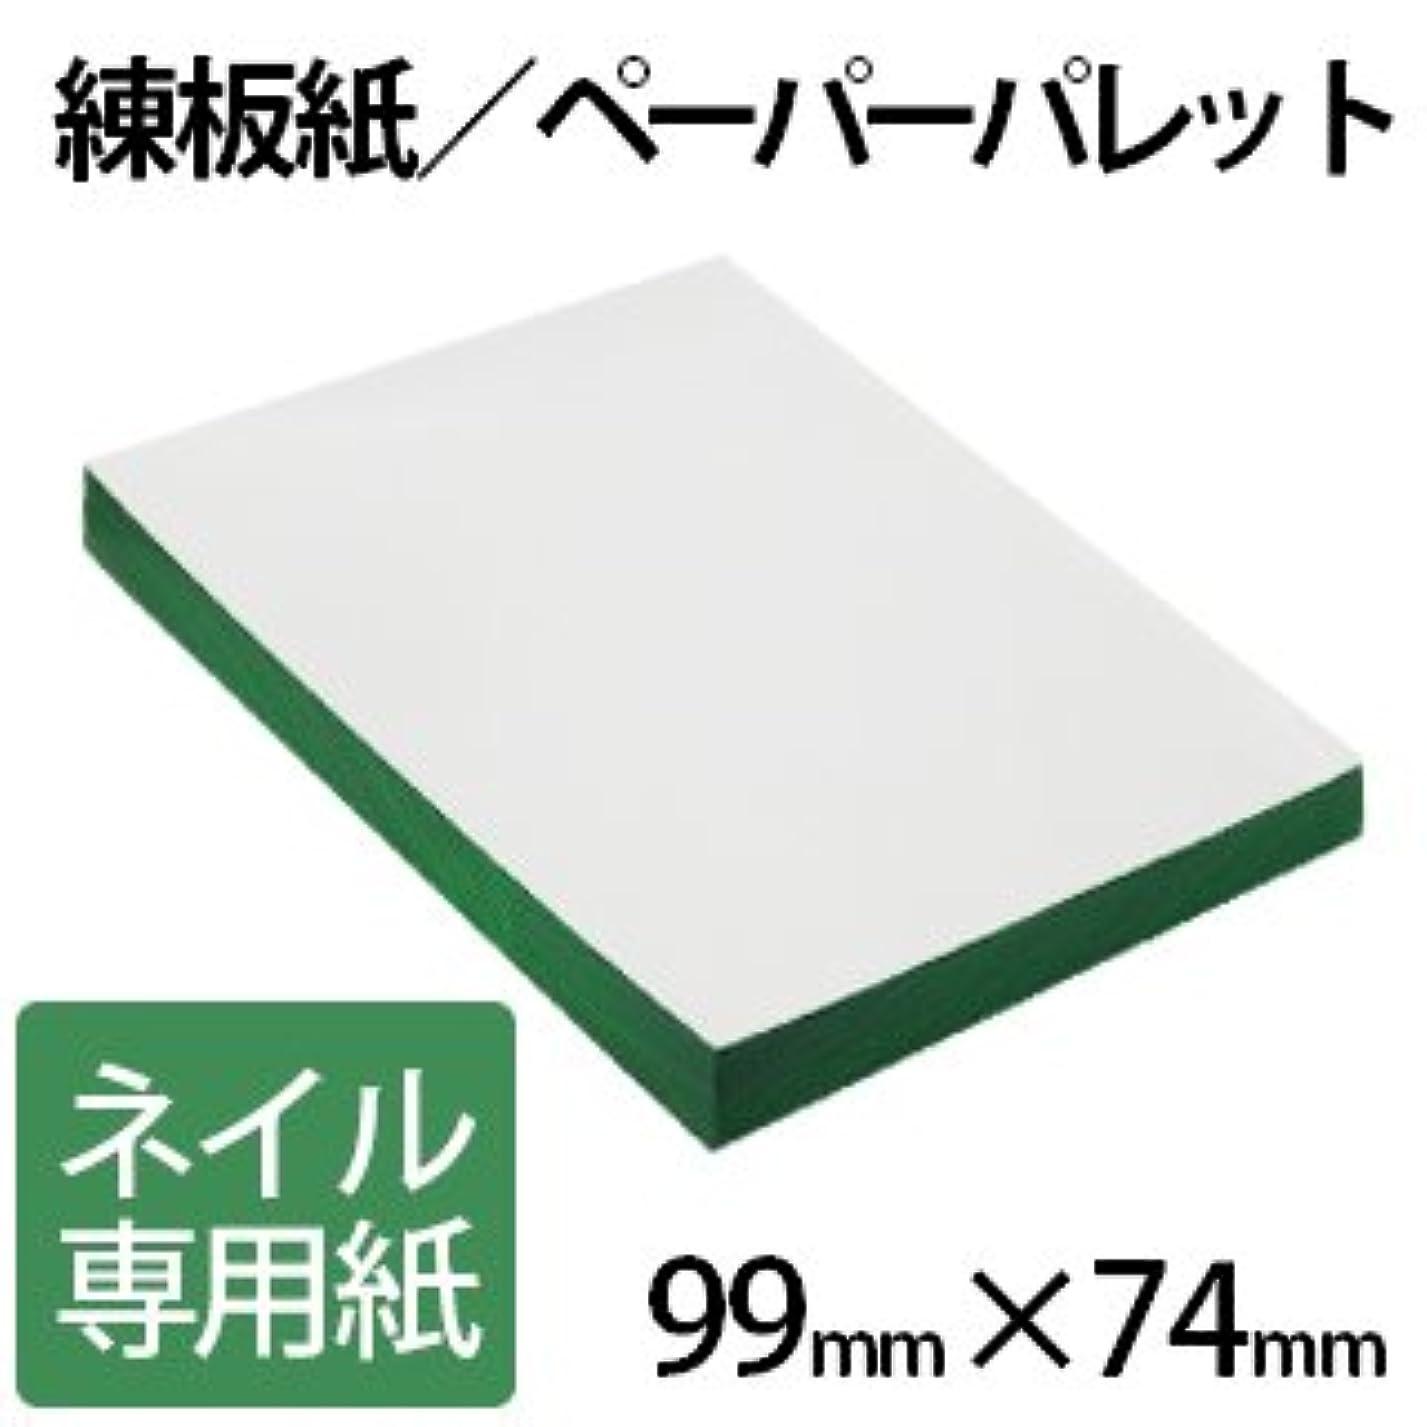 電話仕事冷蔵庫ネイル用 練板紙 ペーパーパレット 使い捨て 練和紙